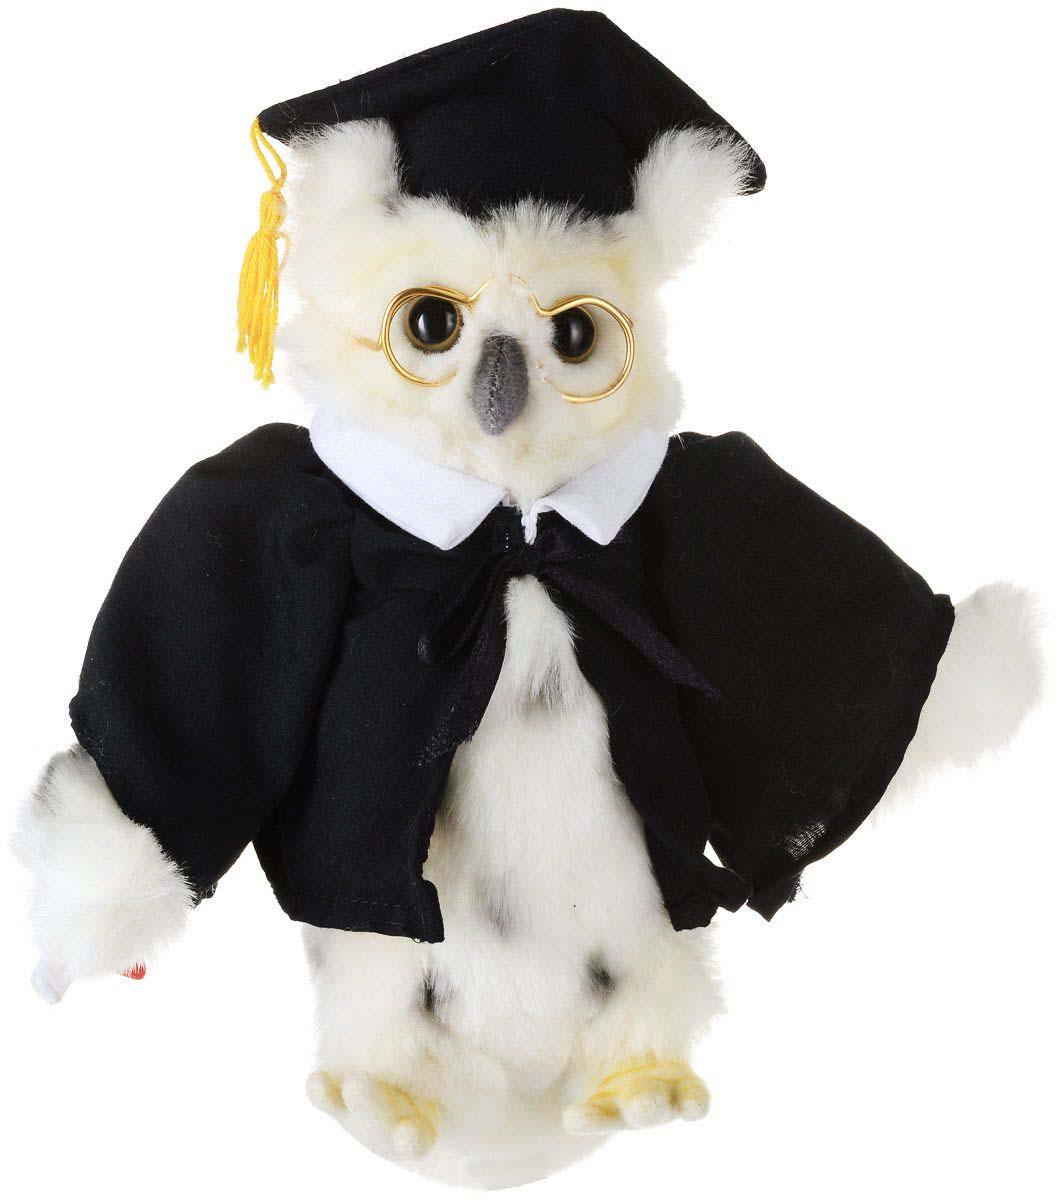 Мягкая игрушка - Сова выпускник, 18 смДикие животные<br>Мягкая игрушка - Сова выпускник, 18 см<br>